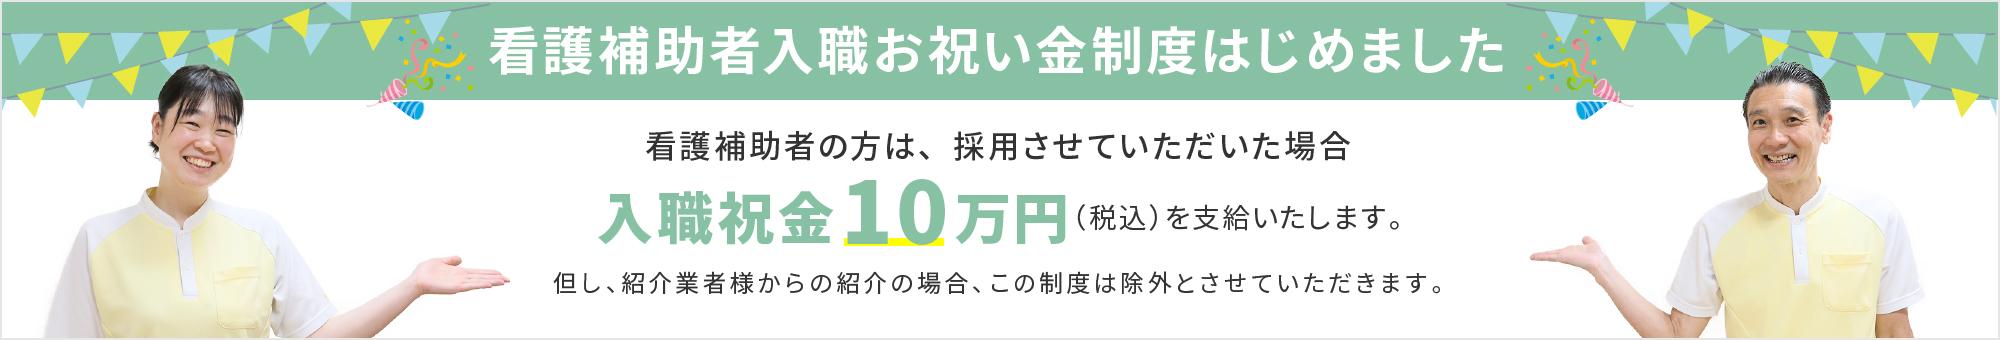 看護補助者入職お祝い金として10万円支給します